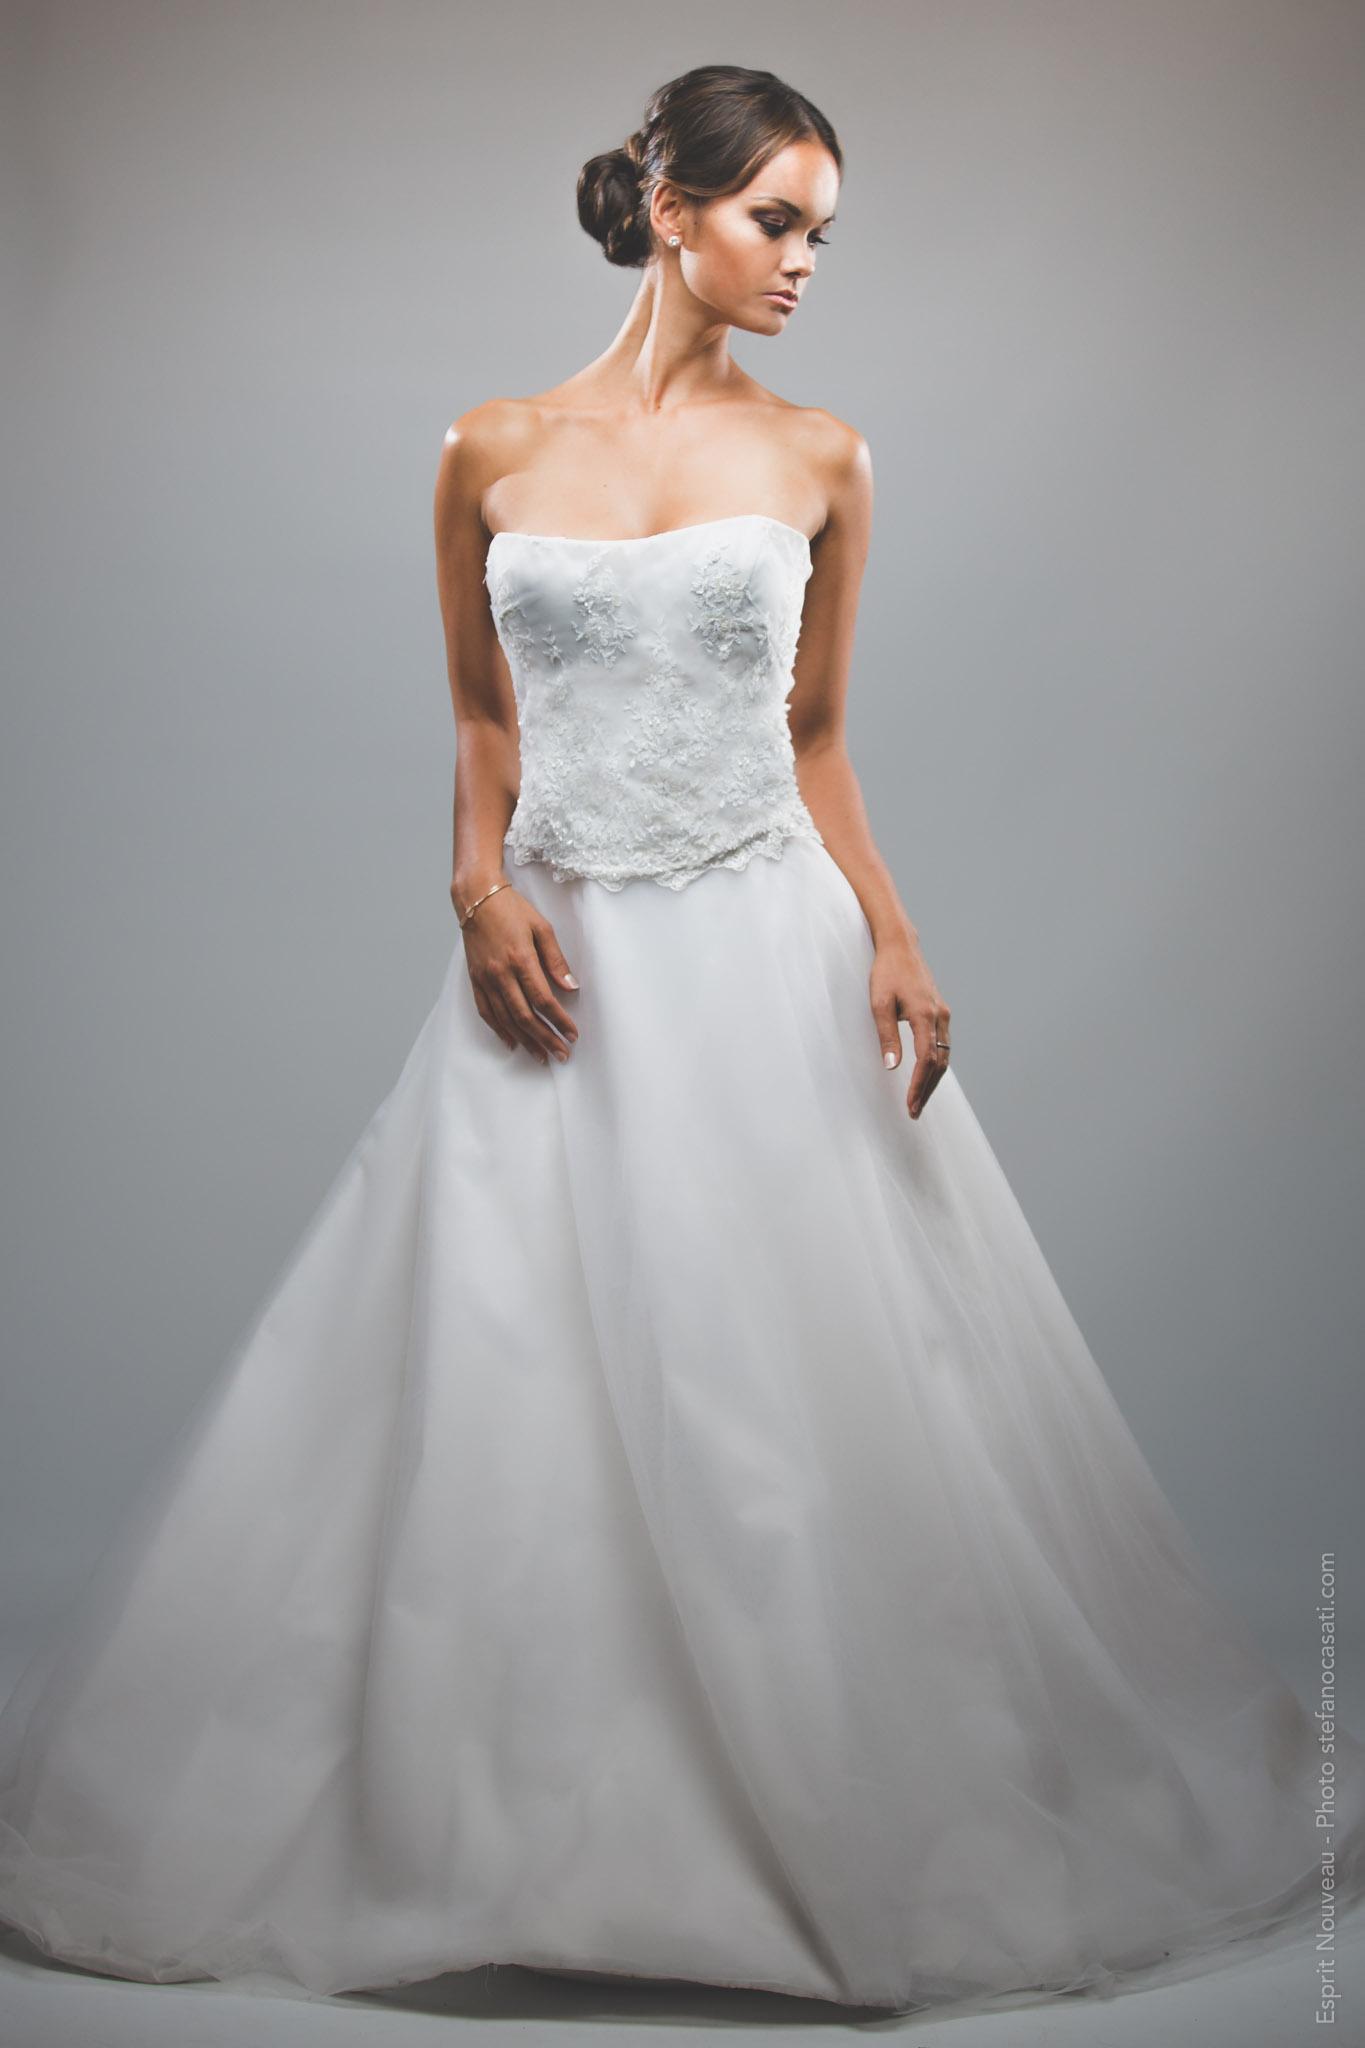 abito da sposa con gonna a ruota in taffetas anni '50 e tulle